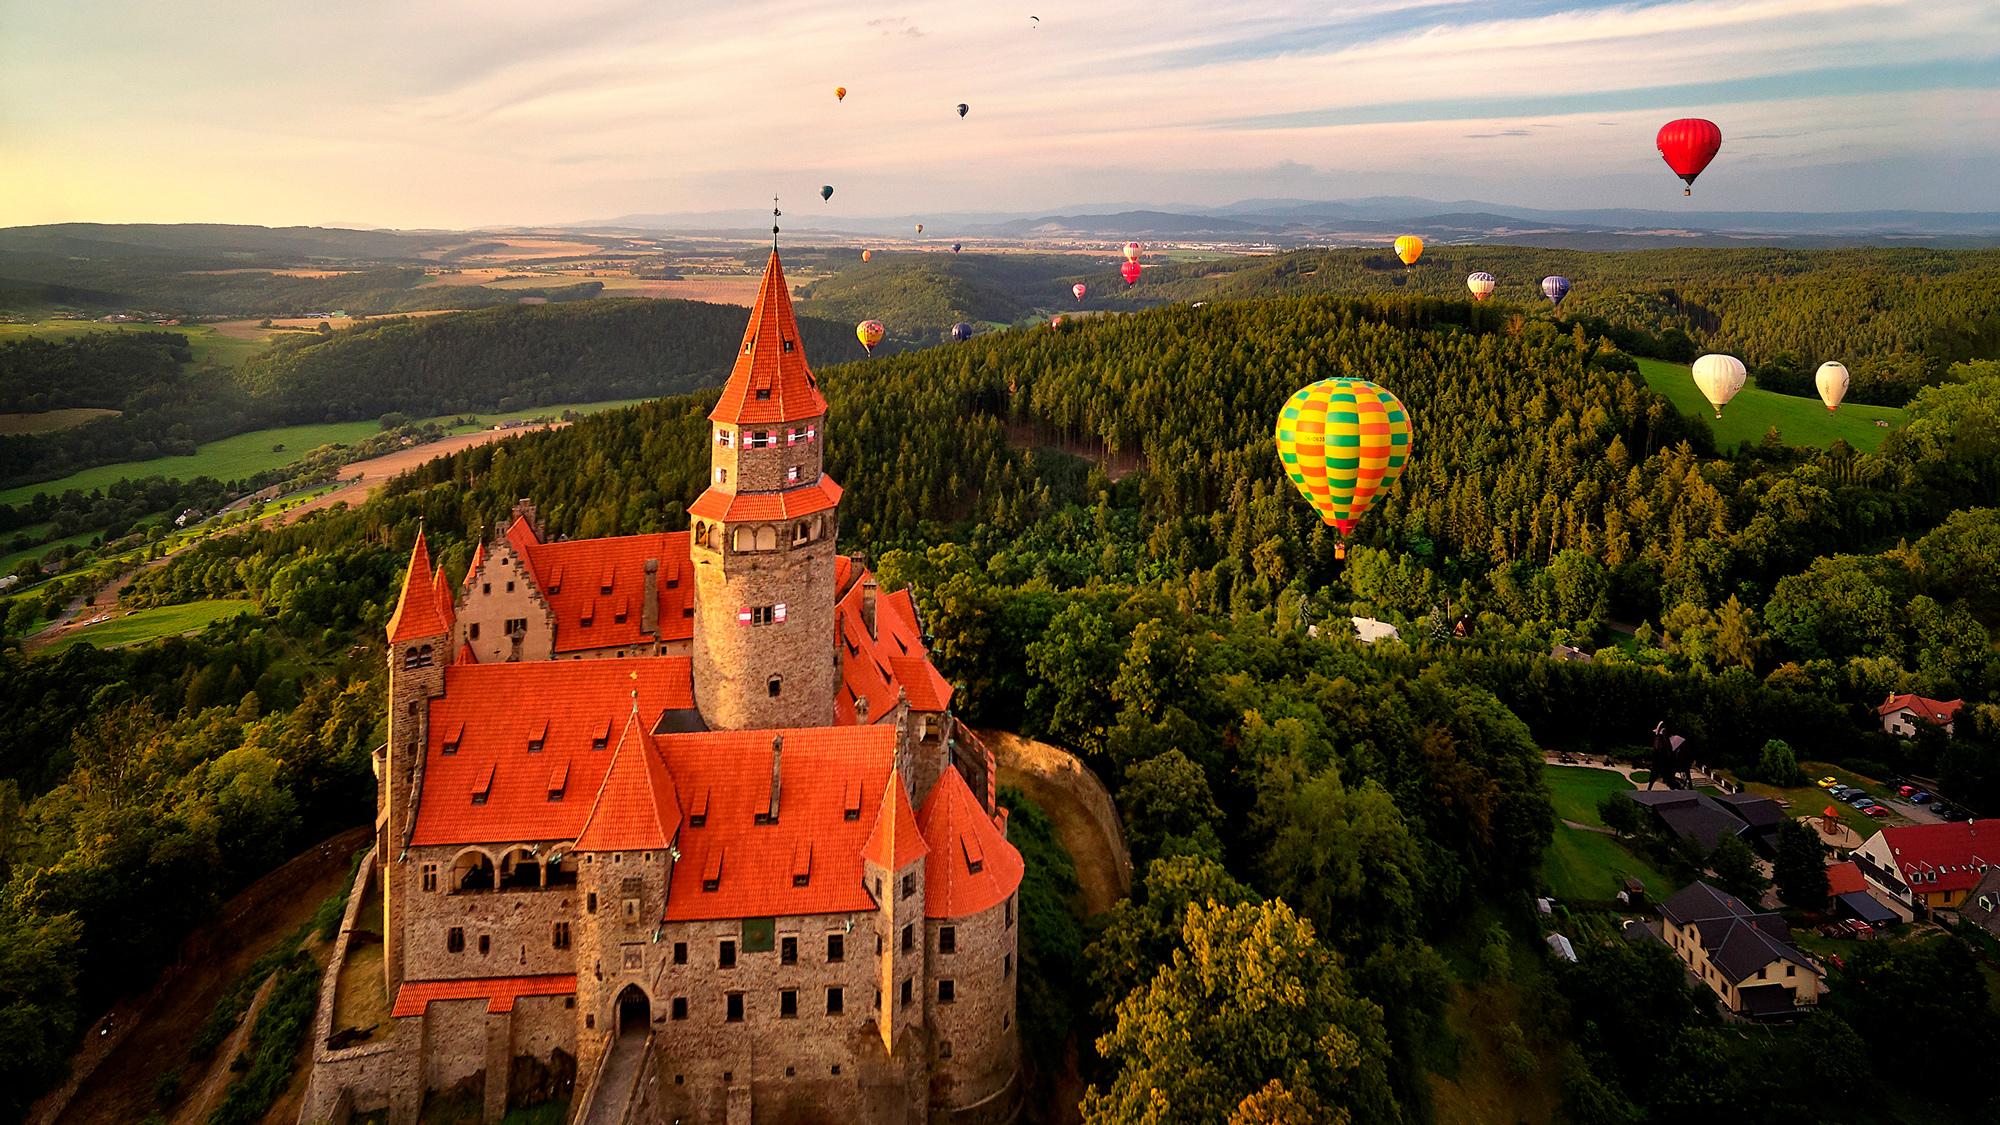 Chequia en globo, una experiencia inolvidable